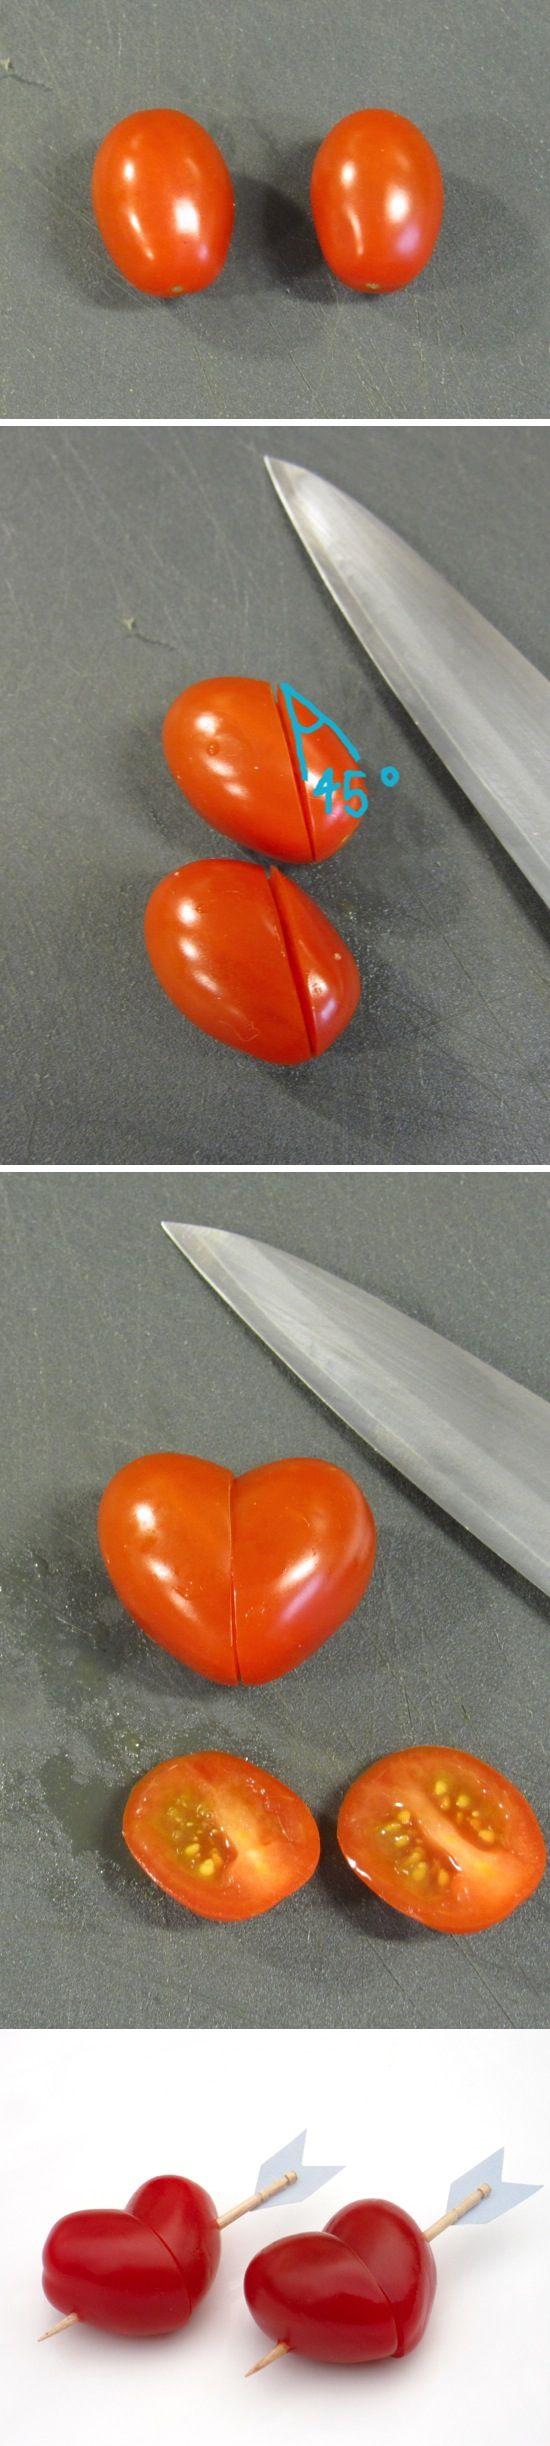 6. Koktélparadicsomból szívecske